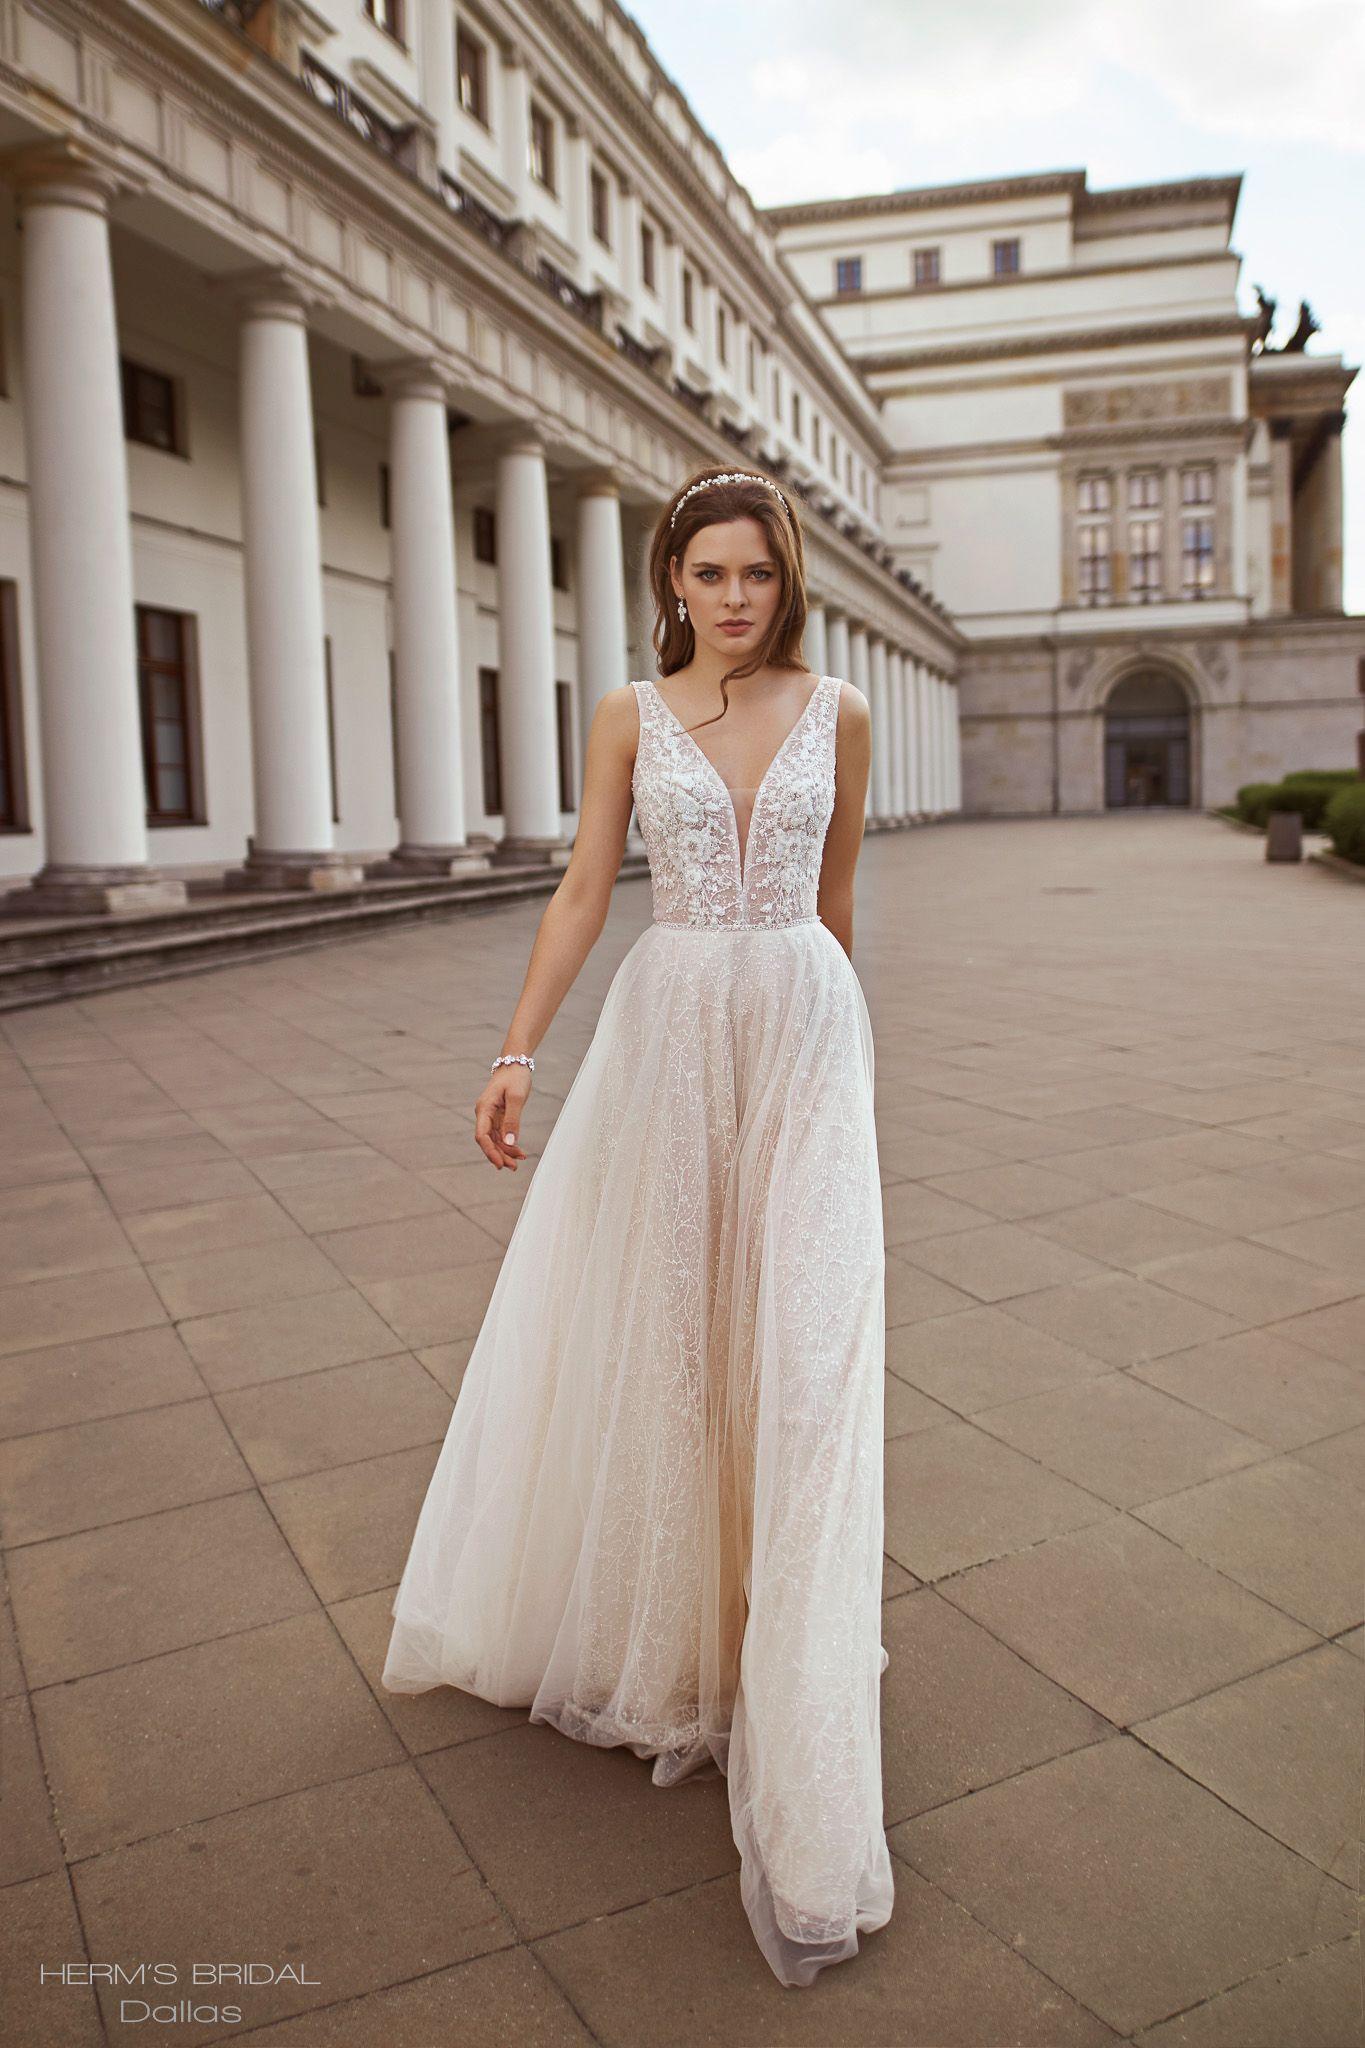 suknia slubna herms bridal Dallas 1